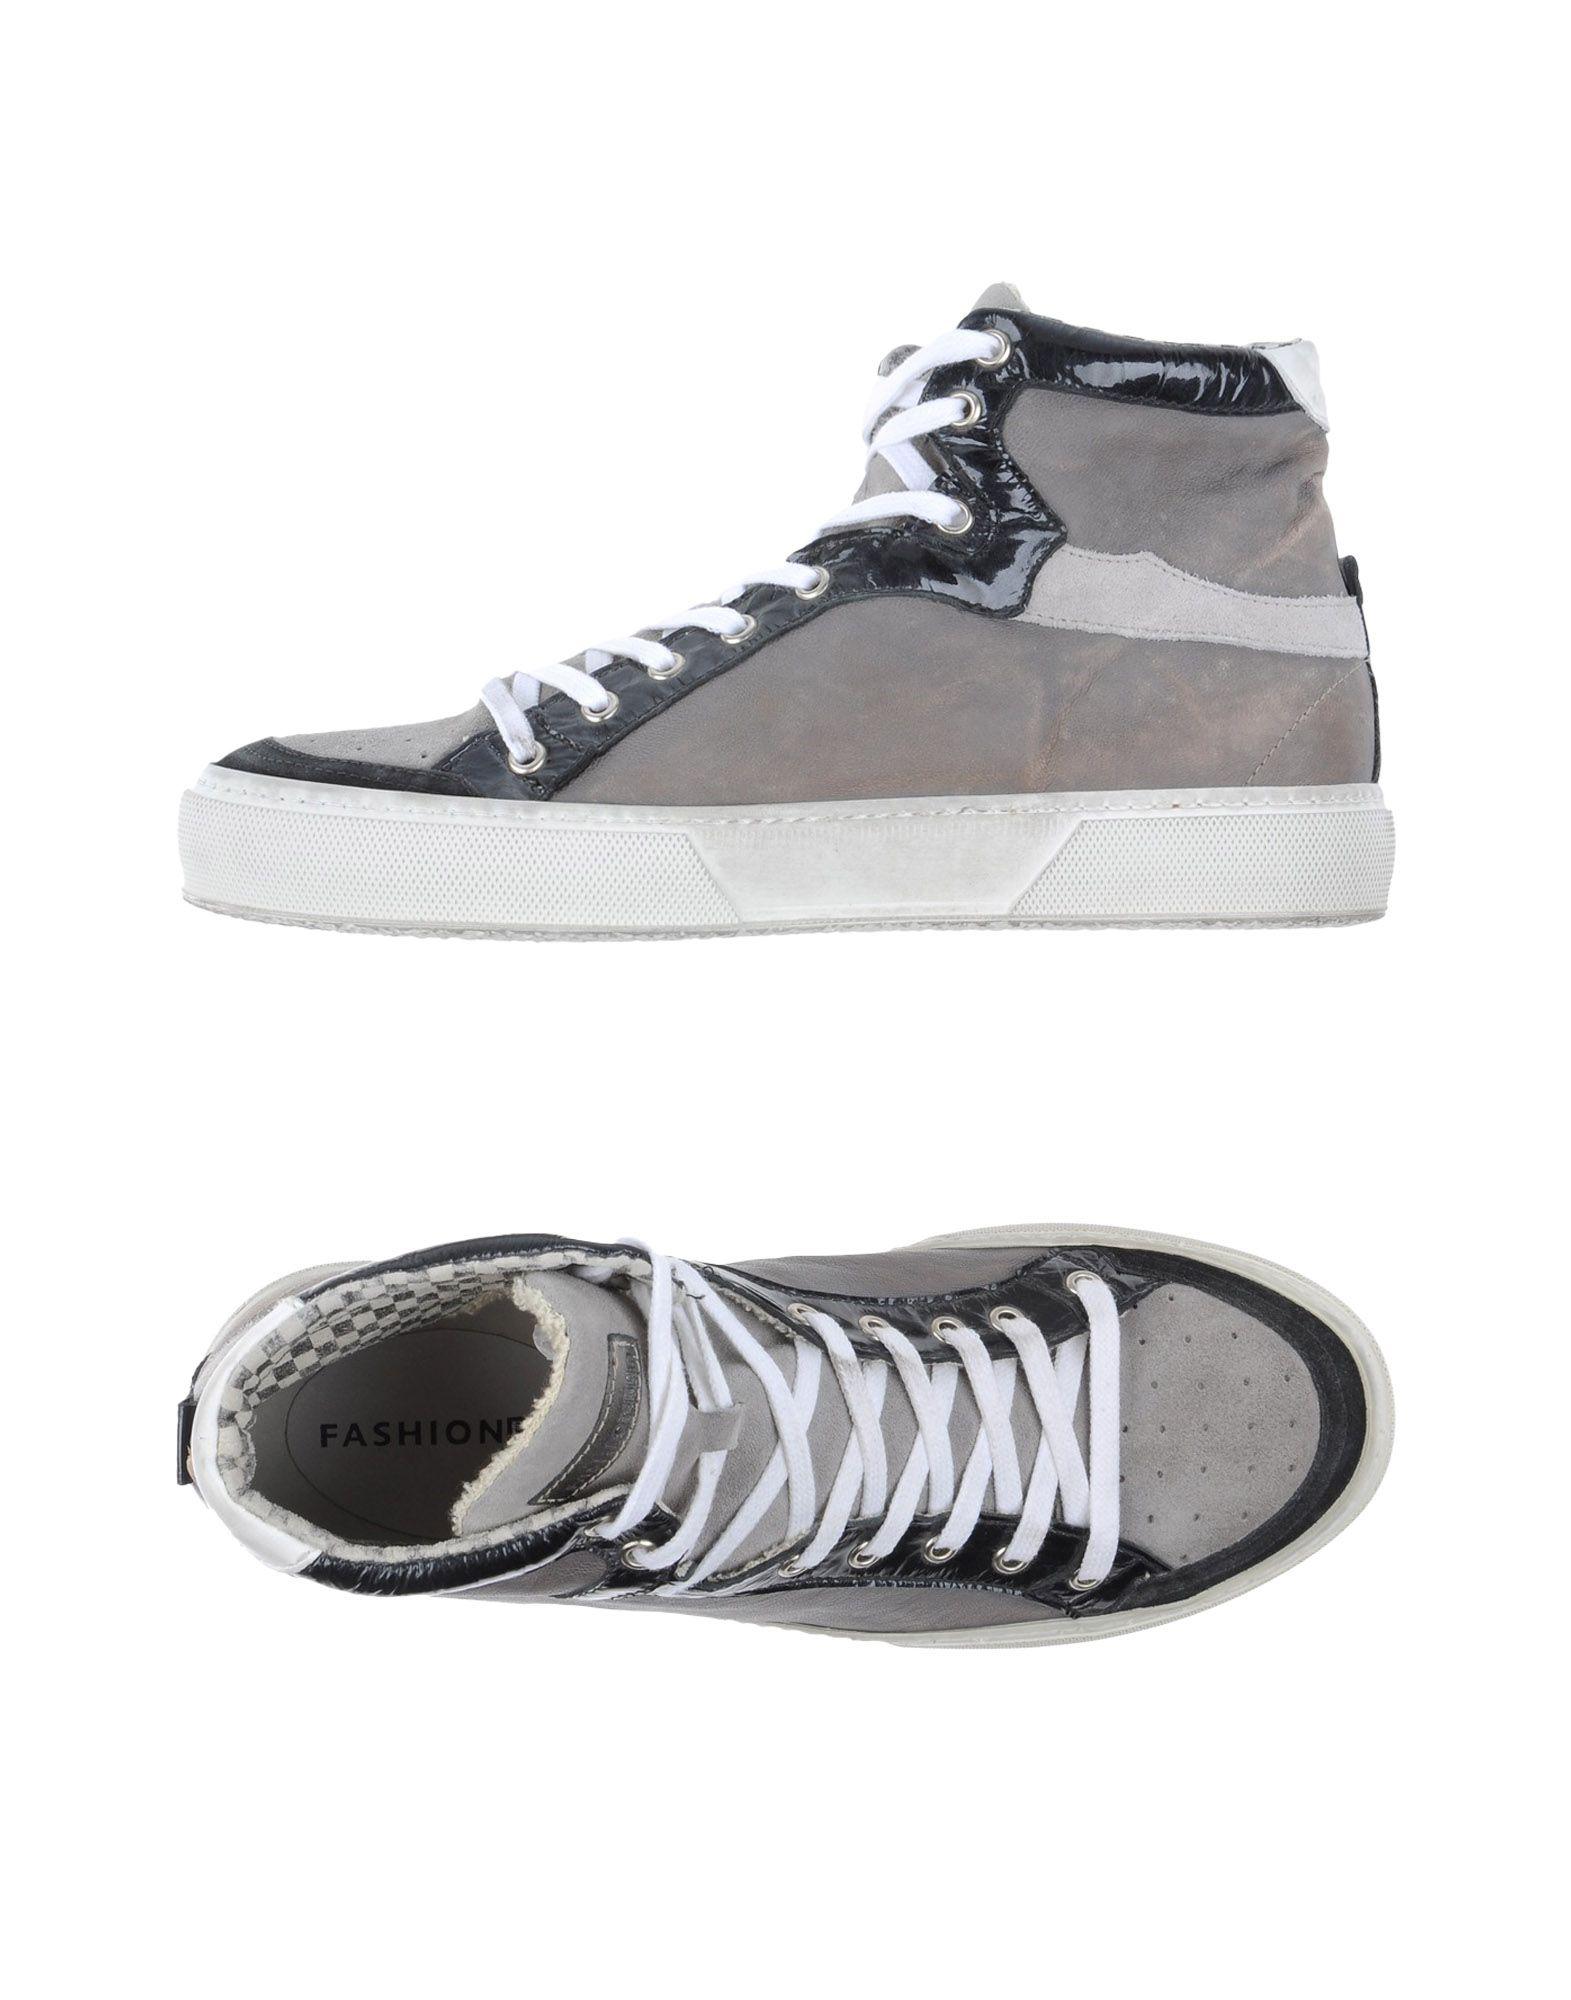 Sneakers Fashionlab Homme - Sneakers Fashionlab sur